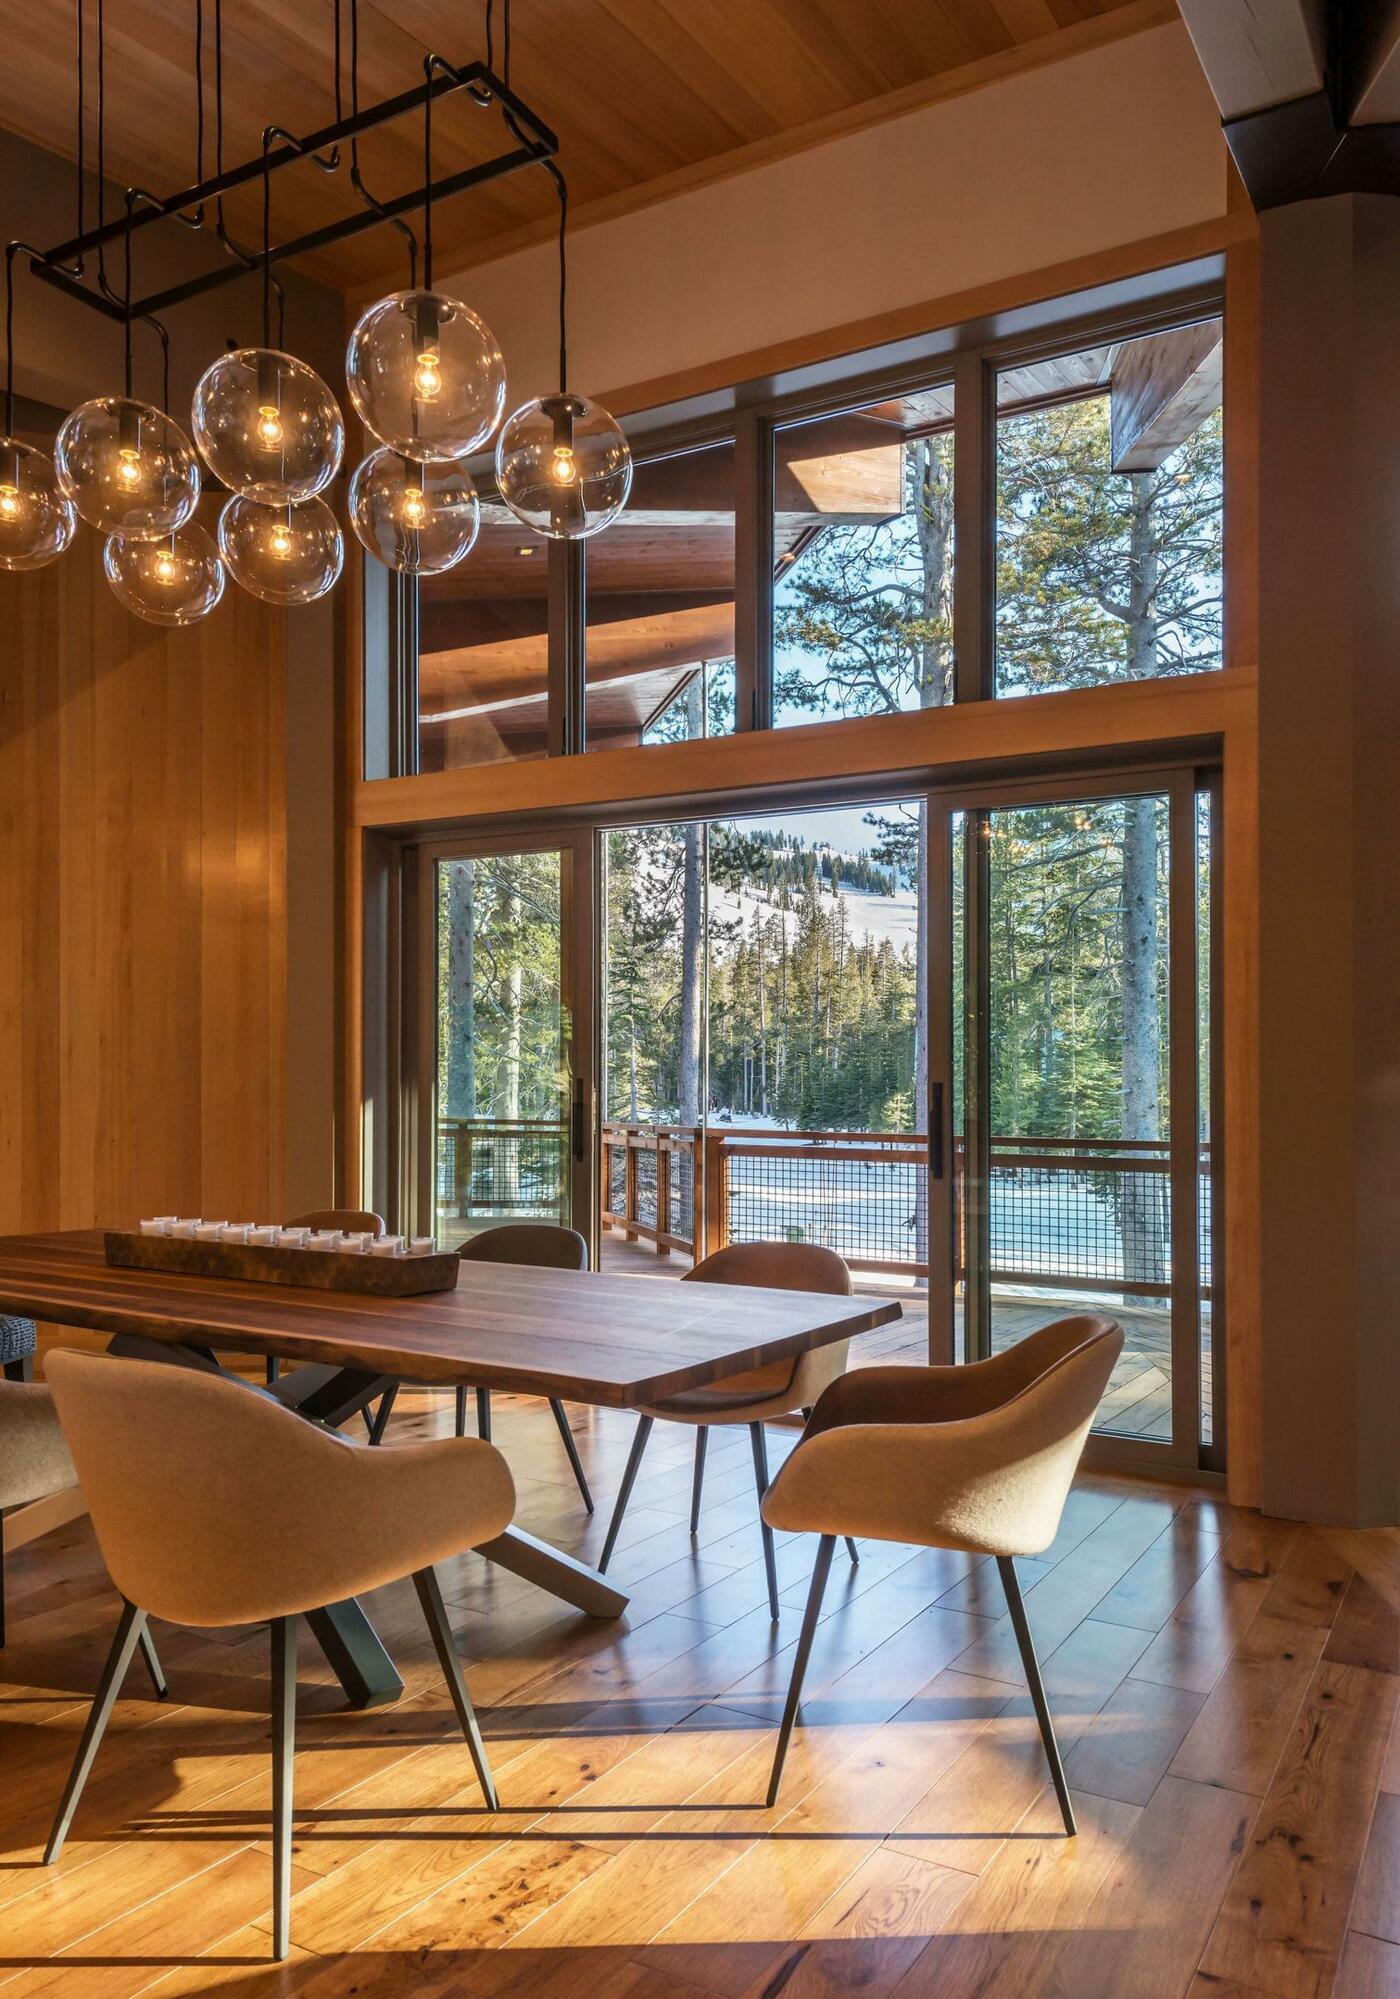 Cabin wooden interior design